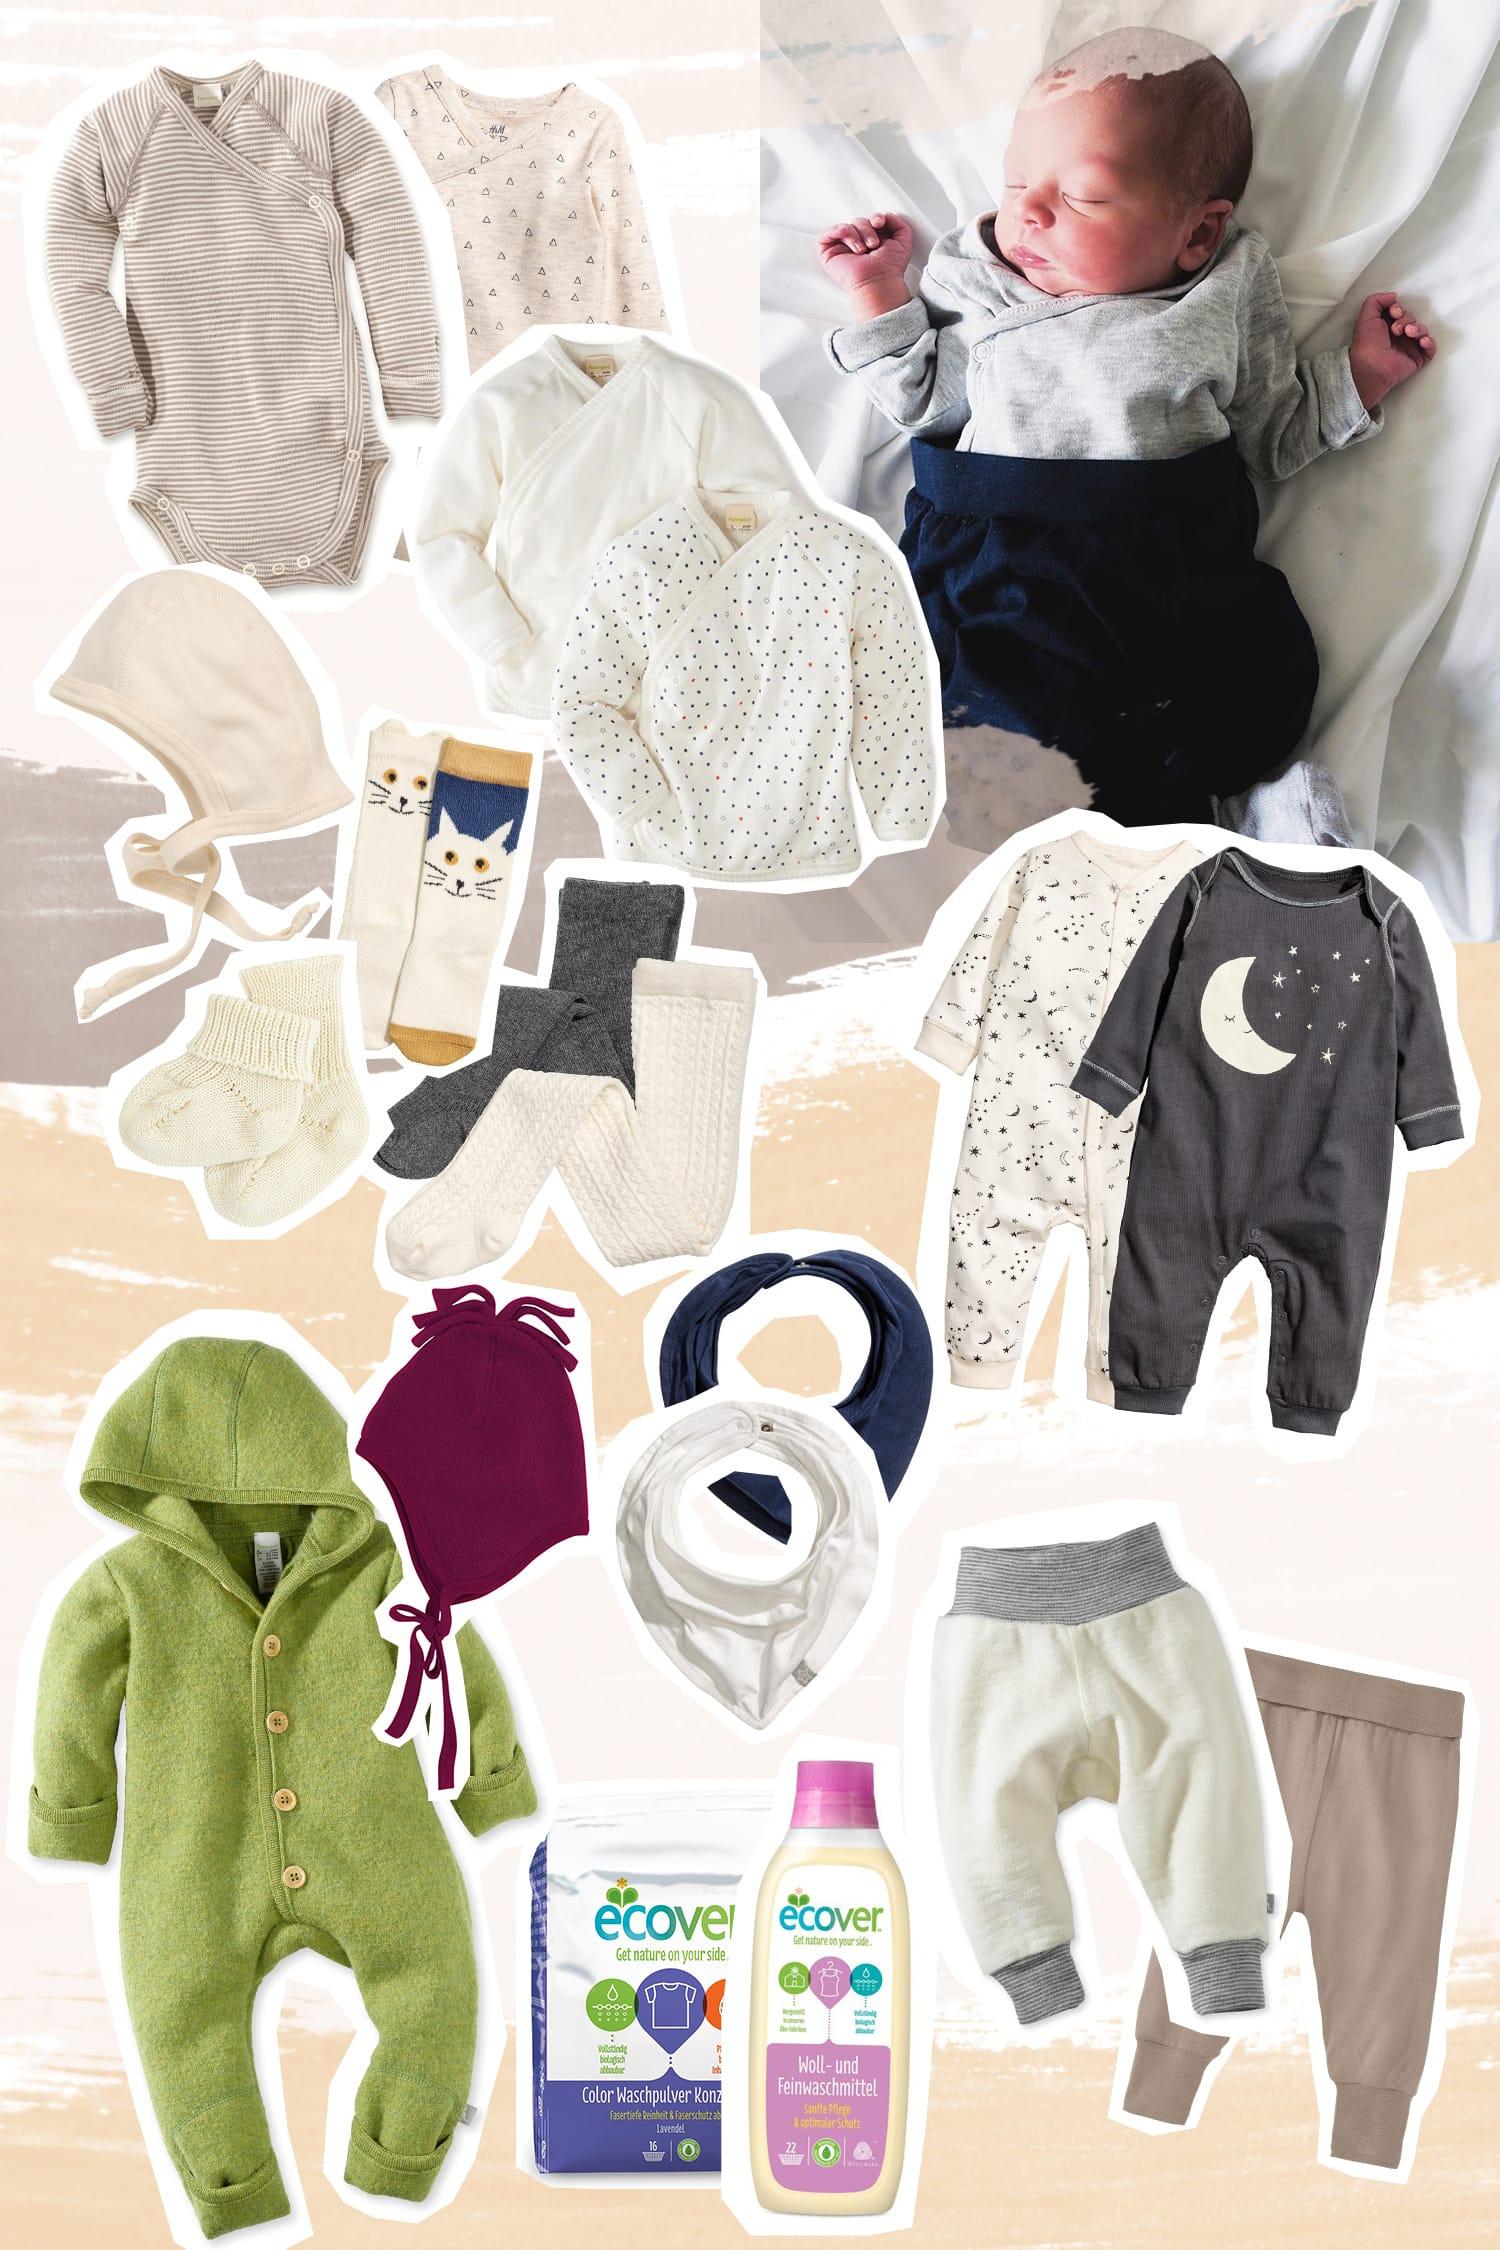 Erstausstattung | Baby Kleidung | Wolle, Seide, Baumwolle | Waschmittel | Wickelbody | Wollwalk | ivy.li